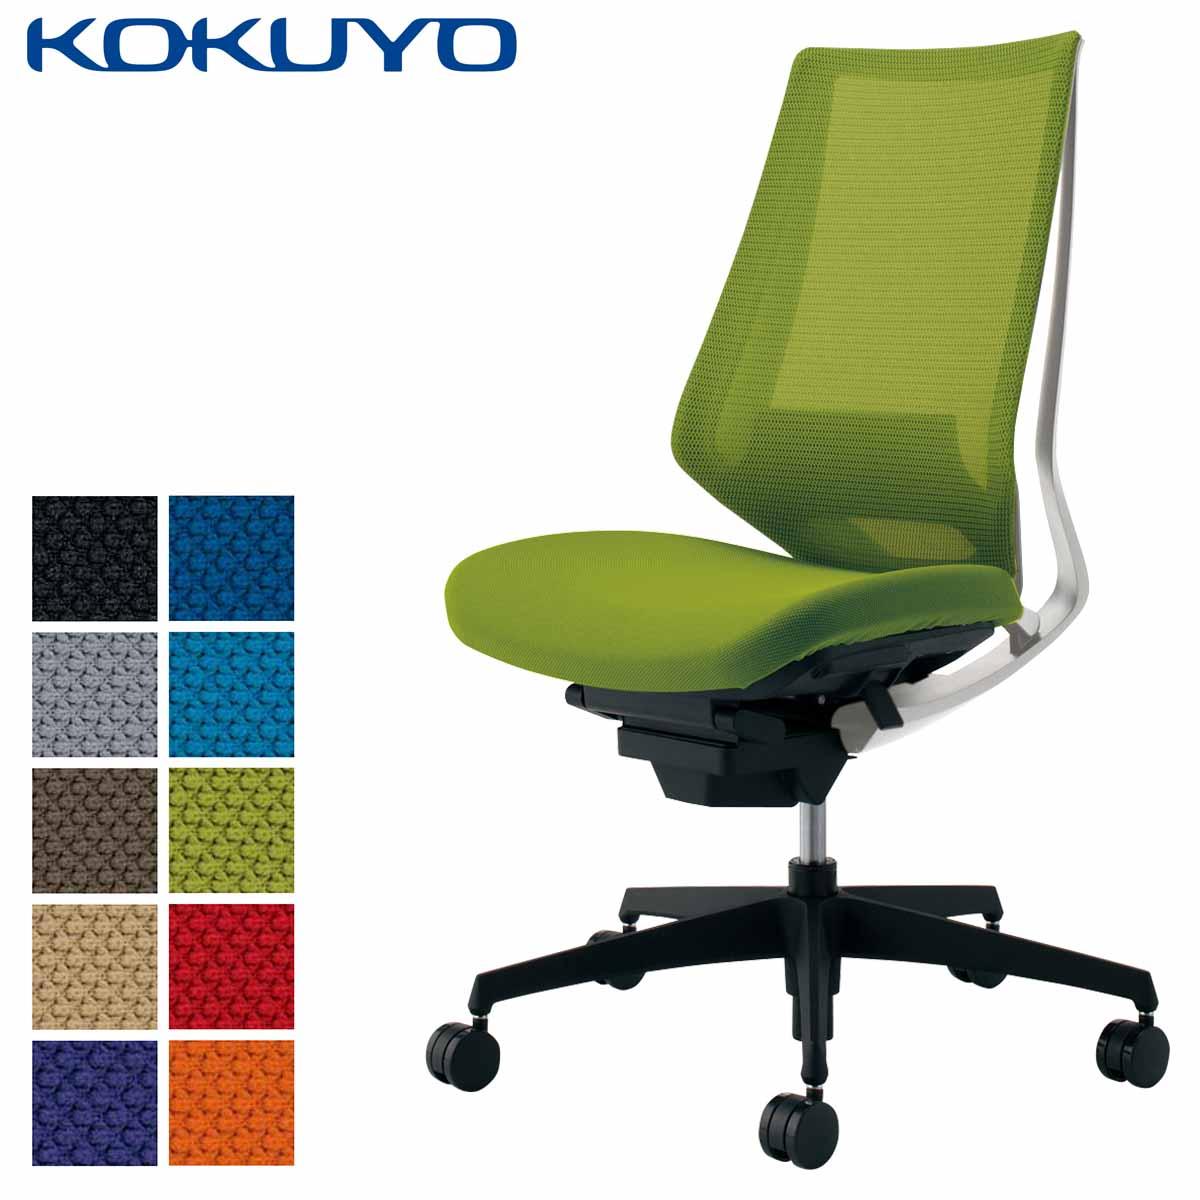 コクヨ デスクチェア オフィスチェア 椅子 duora デュオラ CR-G3020E1 メッシュタイプ ハイバック 肘なし ホワイトフレーム ランバーサポート付き ブラック樹脂脚 -v フローリング用キャスター